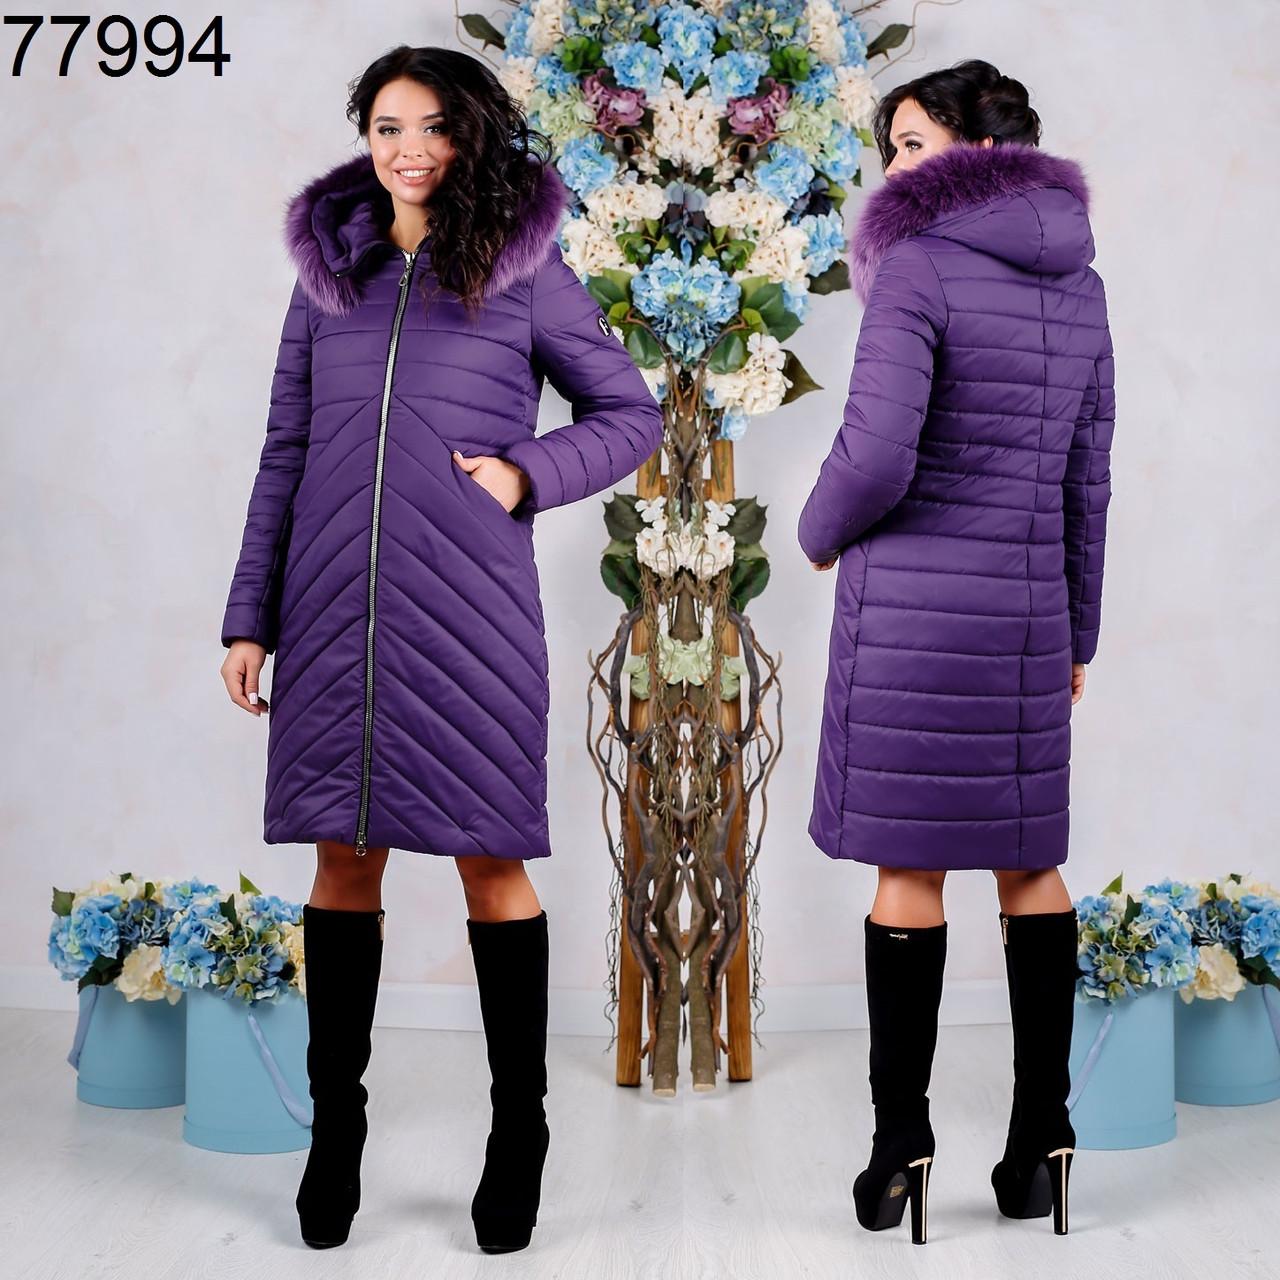 Зимний теплый пуховик  на синтепоне из плащевой ткани  F 77994 Фиолет